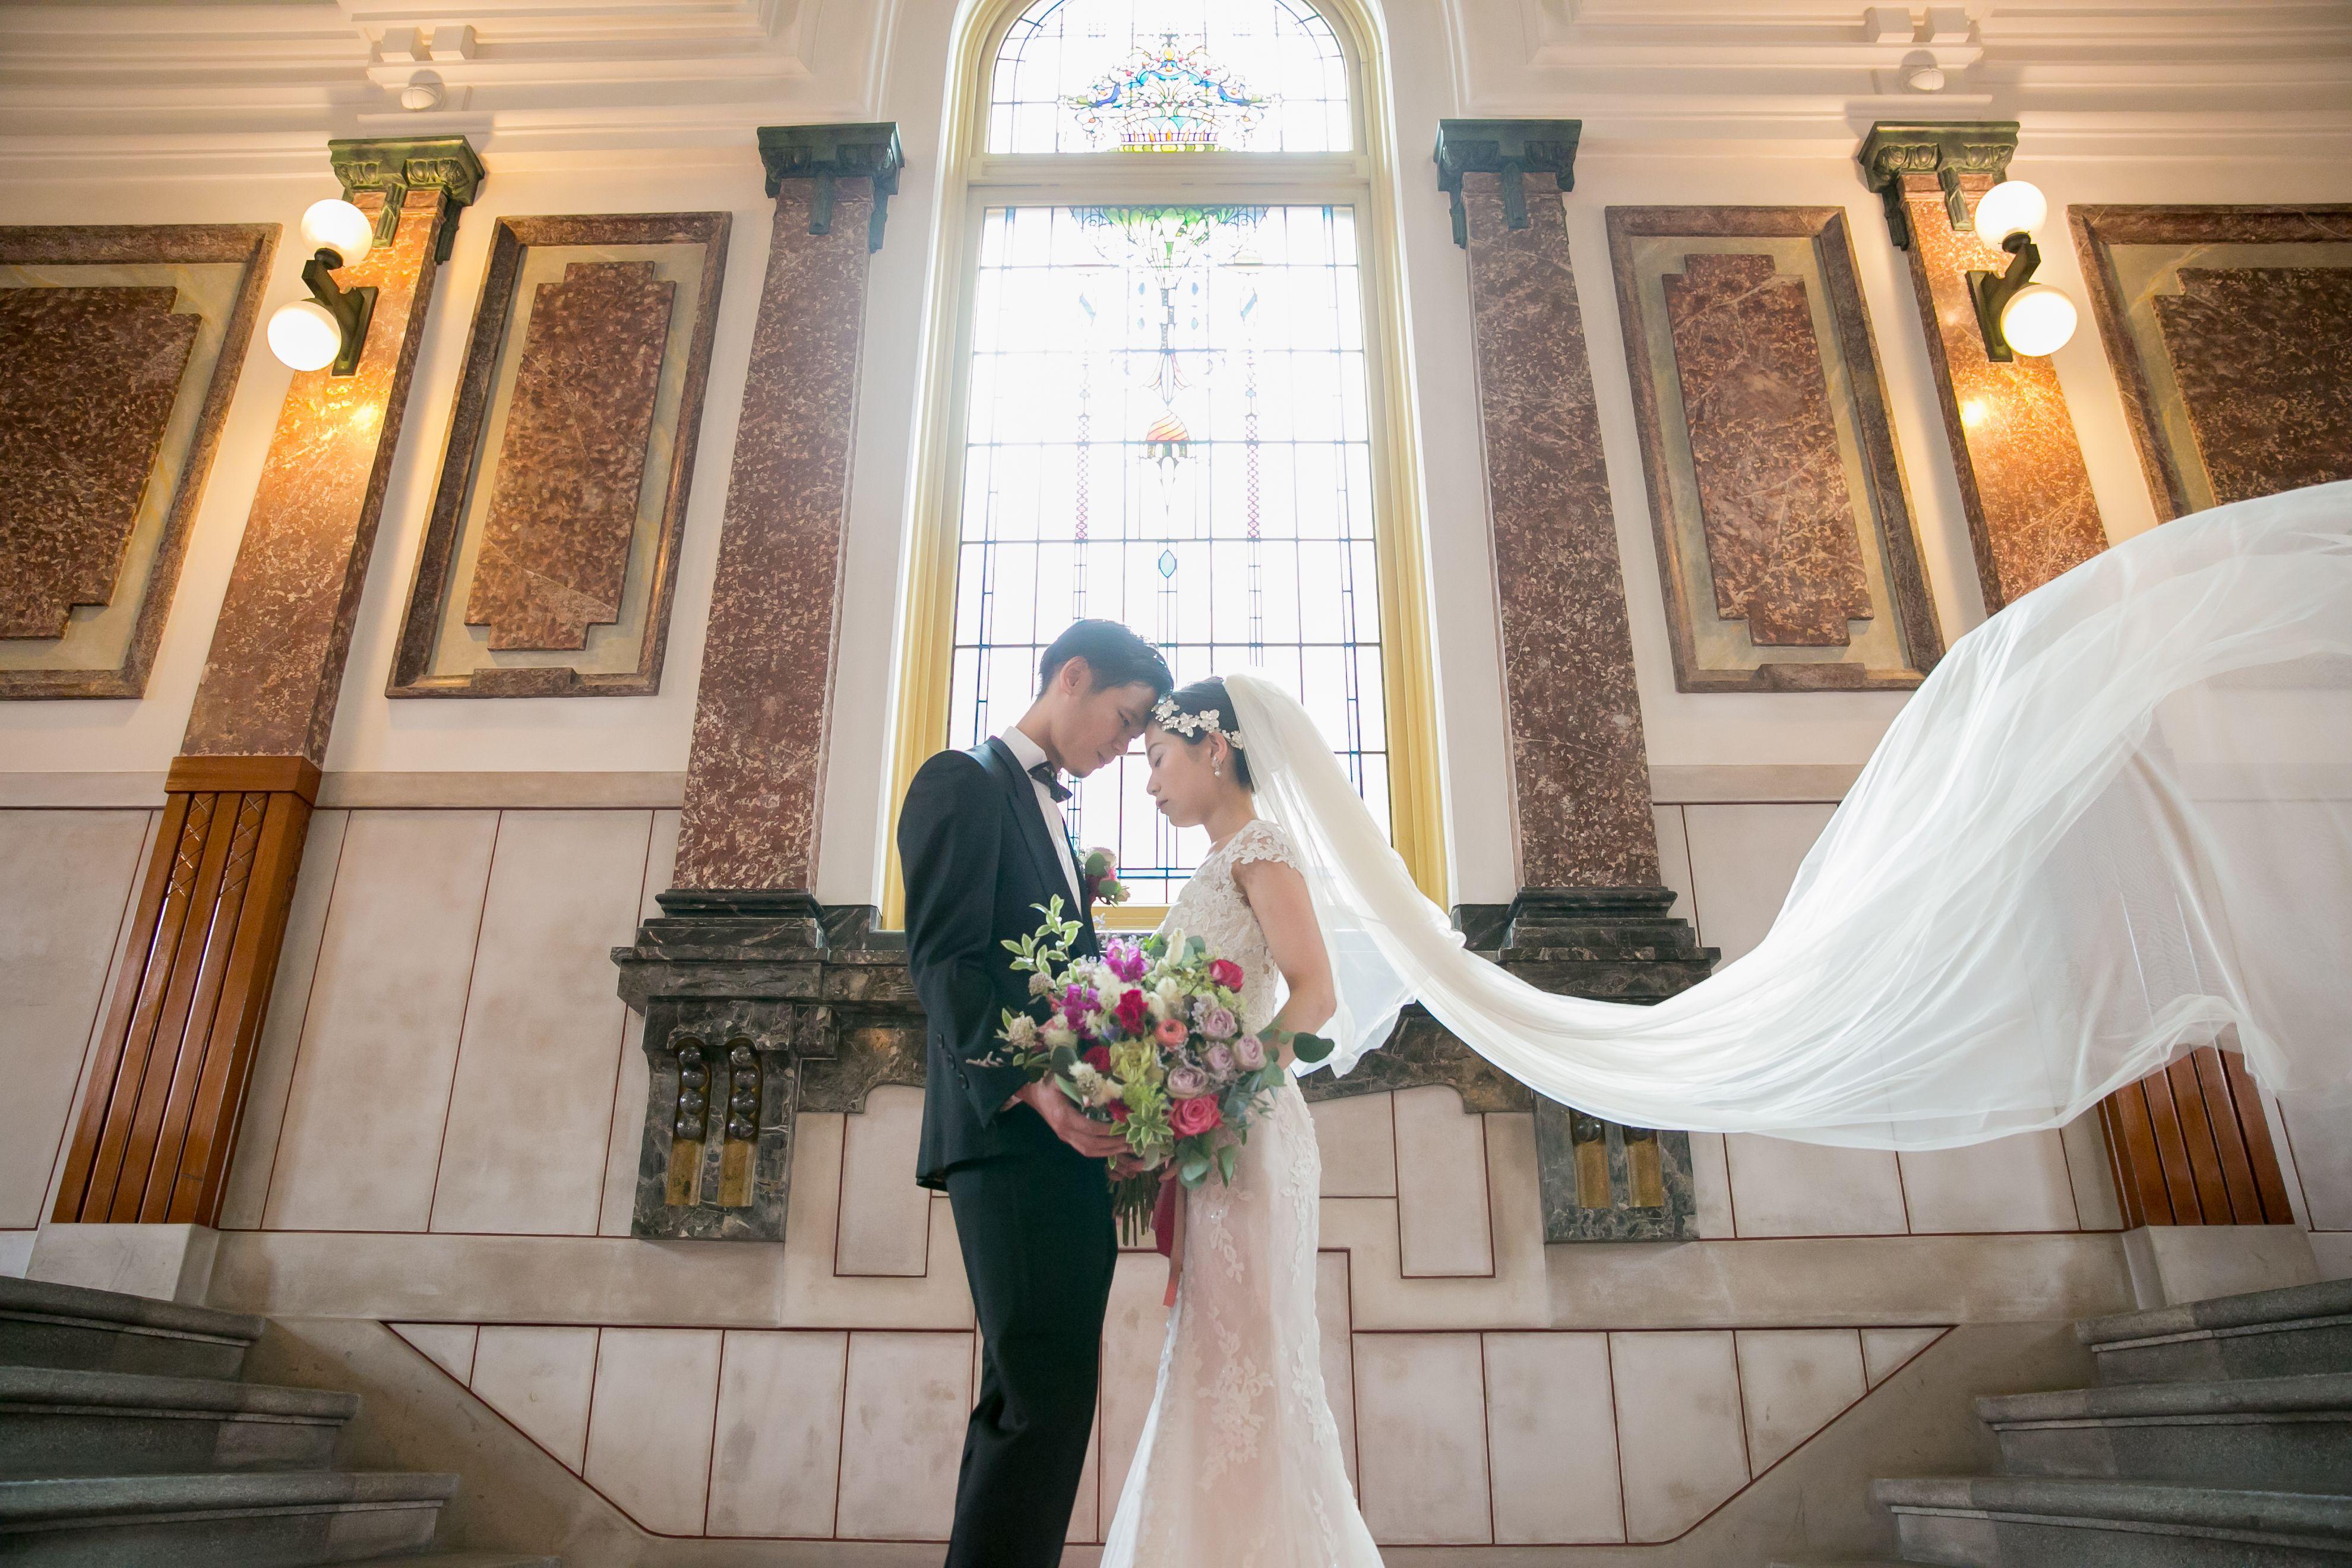 名古屋市市政資料館 フォトウェディング ウェディングフォト ウェディング ロケーションフォト 前撮り 結婚式 ドレス ウェディングドレス ウエディング 結婚式 前撮り ウェディング